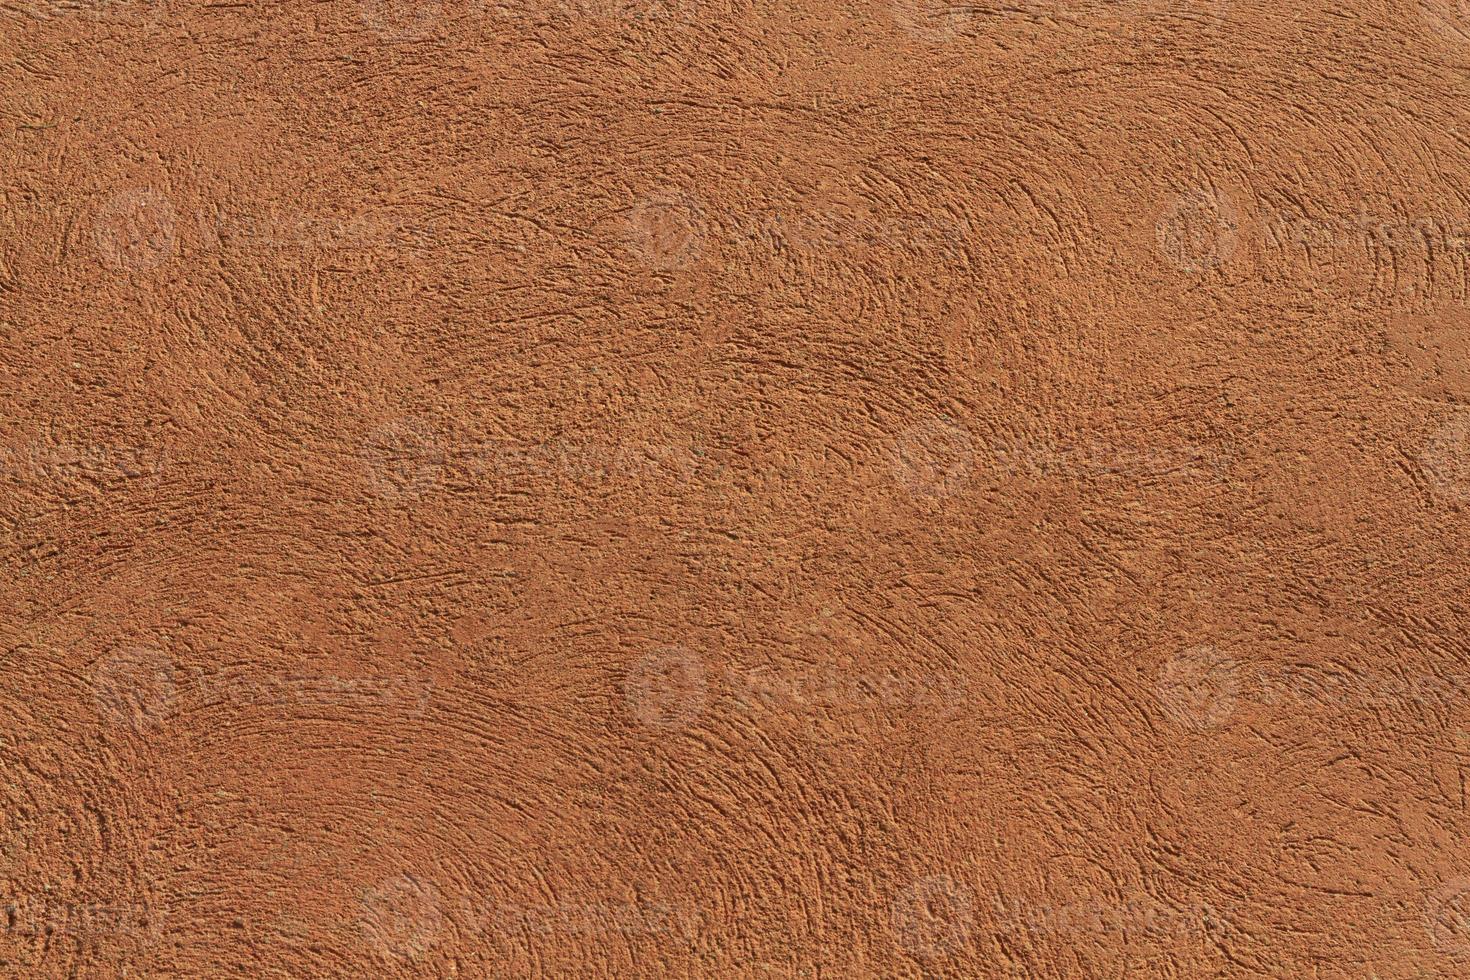 copia spazio parete in pelle scamosciata marrone texture di sfondo foto